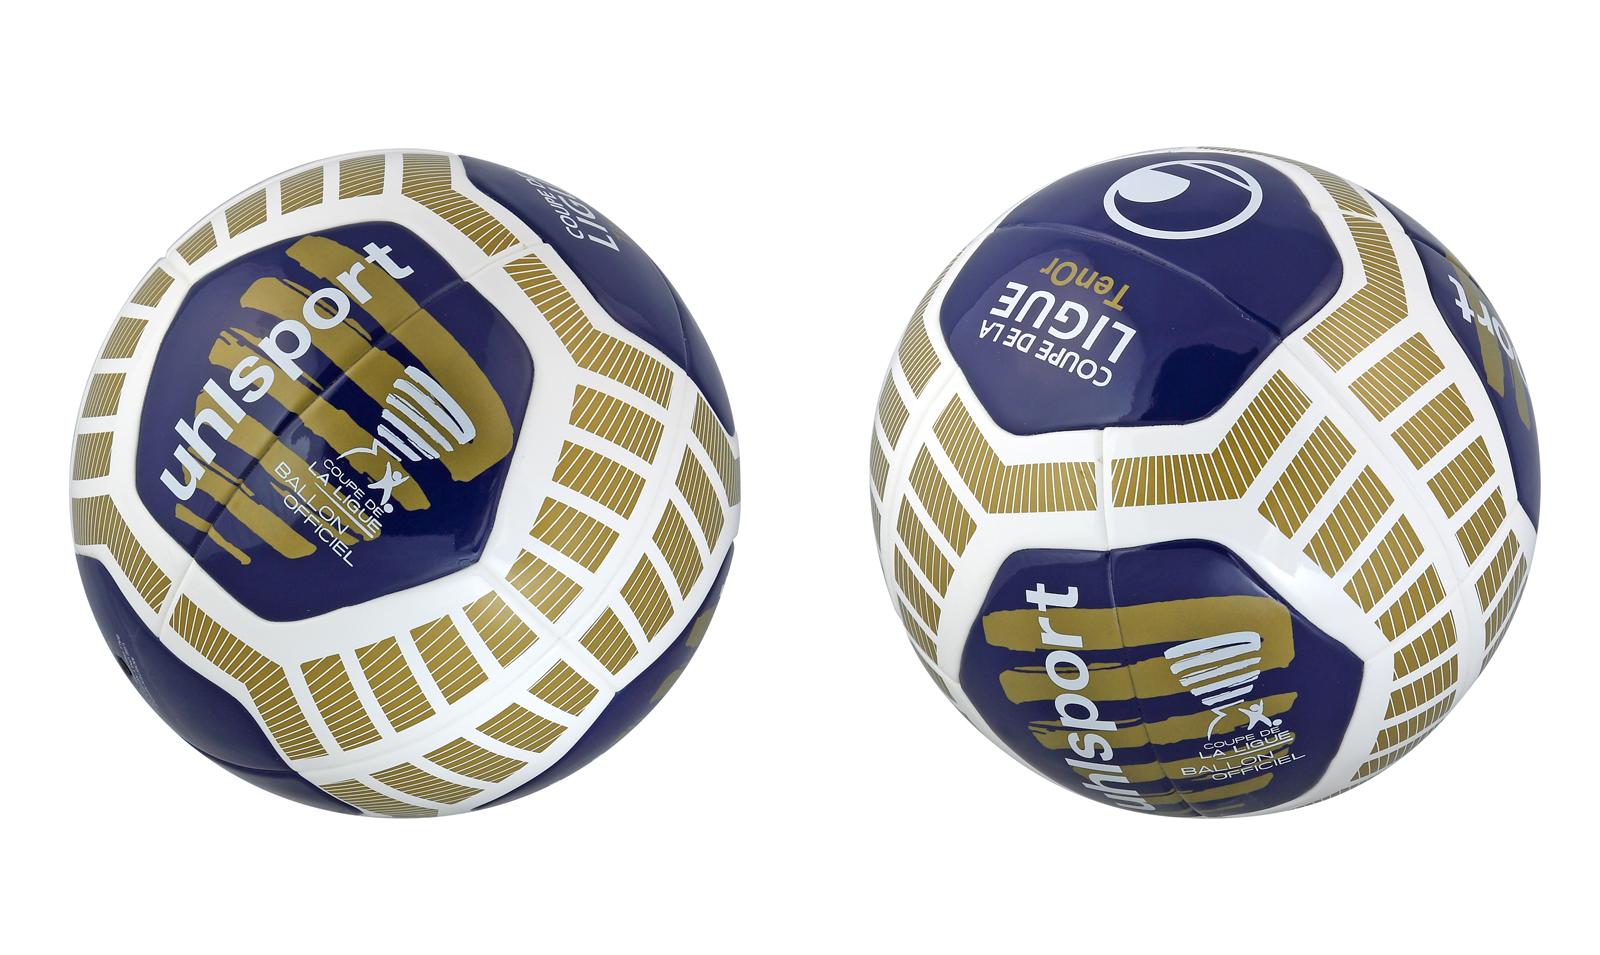 Ballon finale coupe de la ligue 2015 - Coupe de la ligue finale 2015 ...